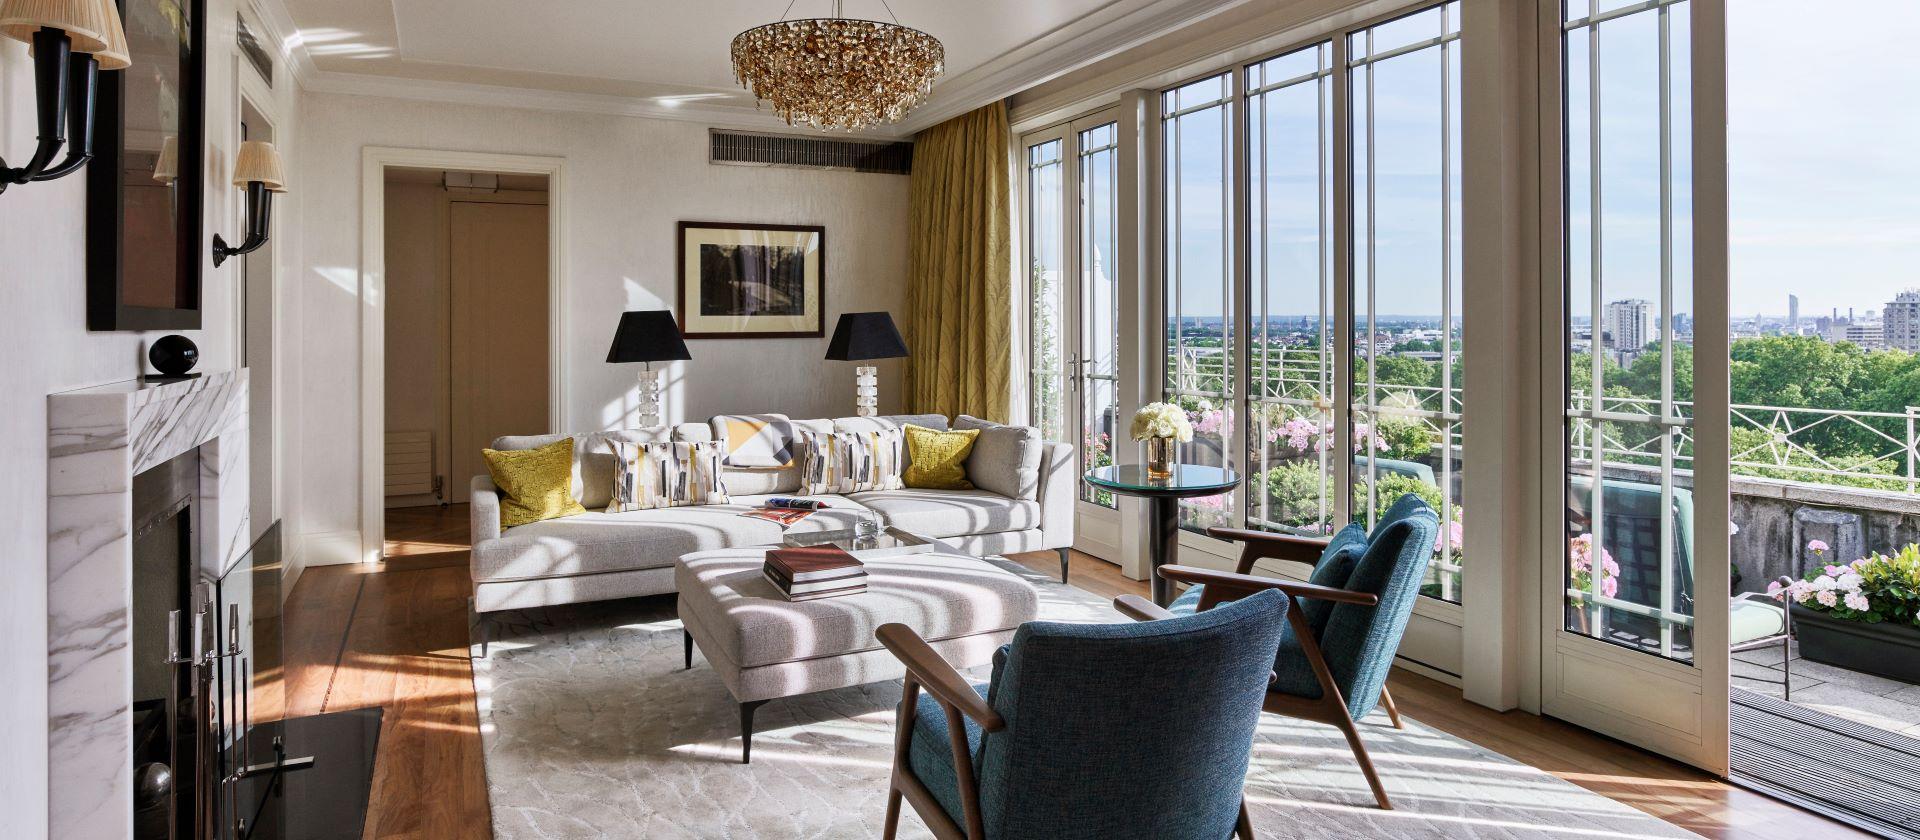 The Dorchester London - Terrace Penthouse